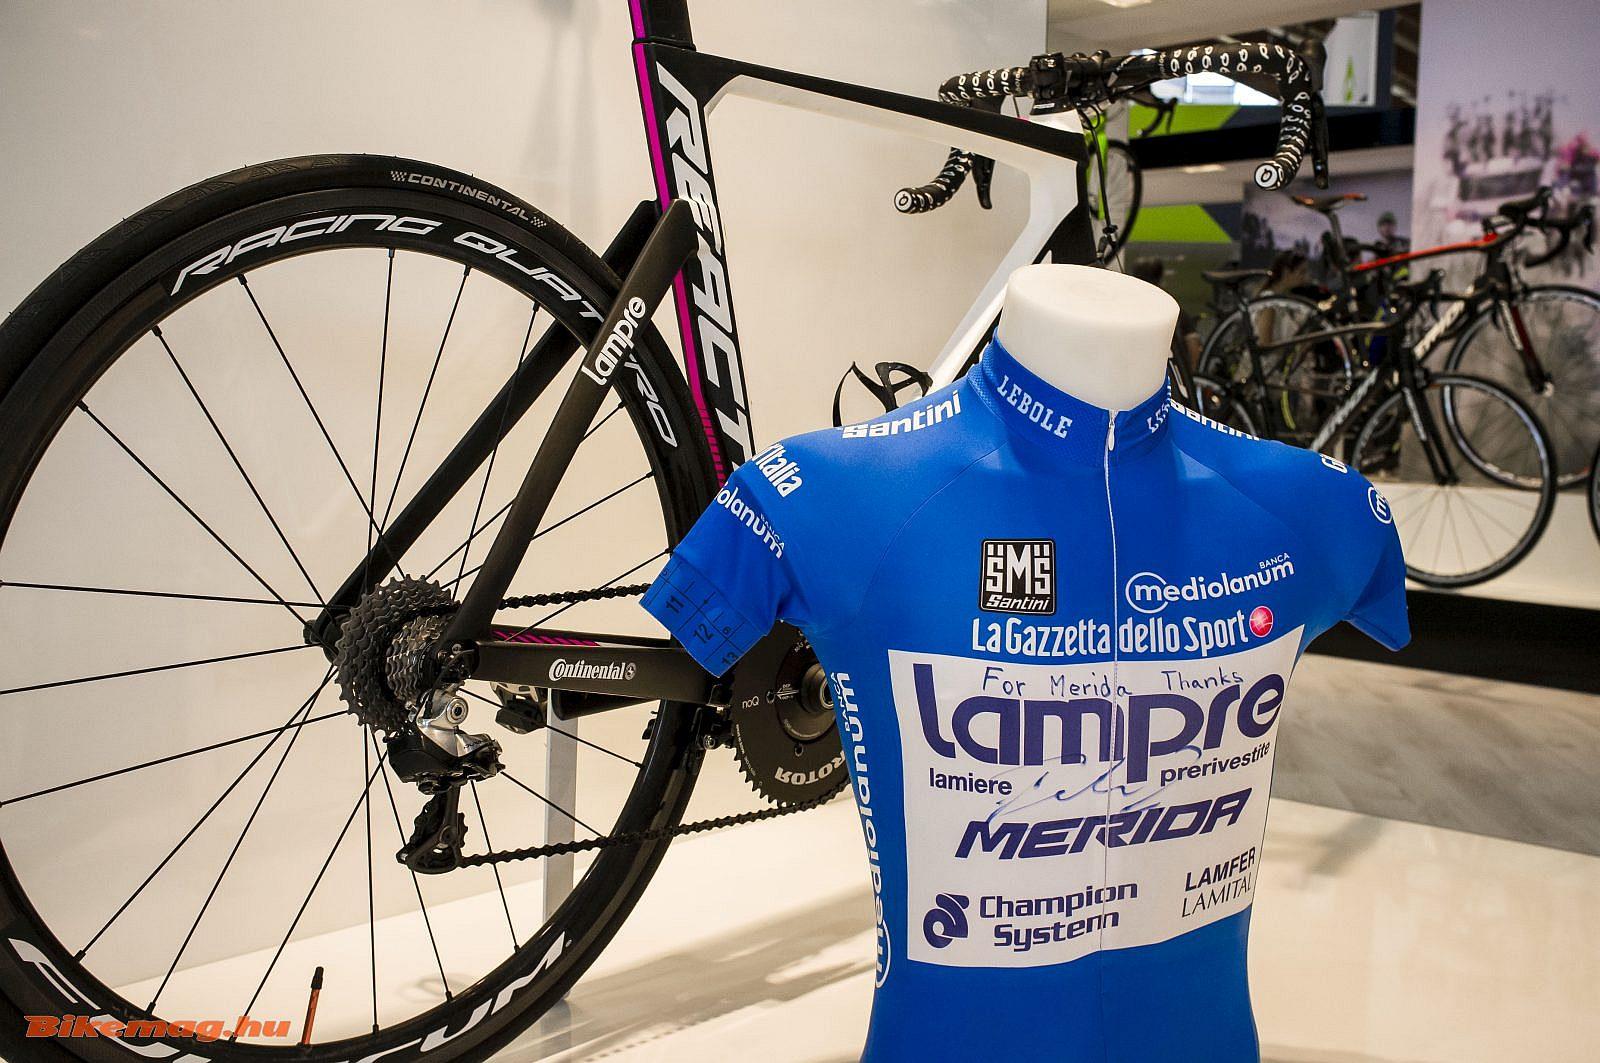 Merida Reacto - nem csak a Lampre-Merida versenyzőinek